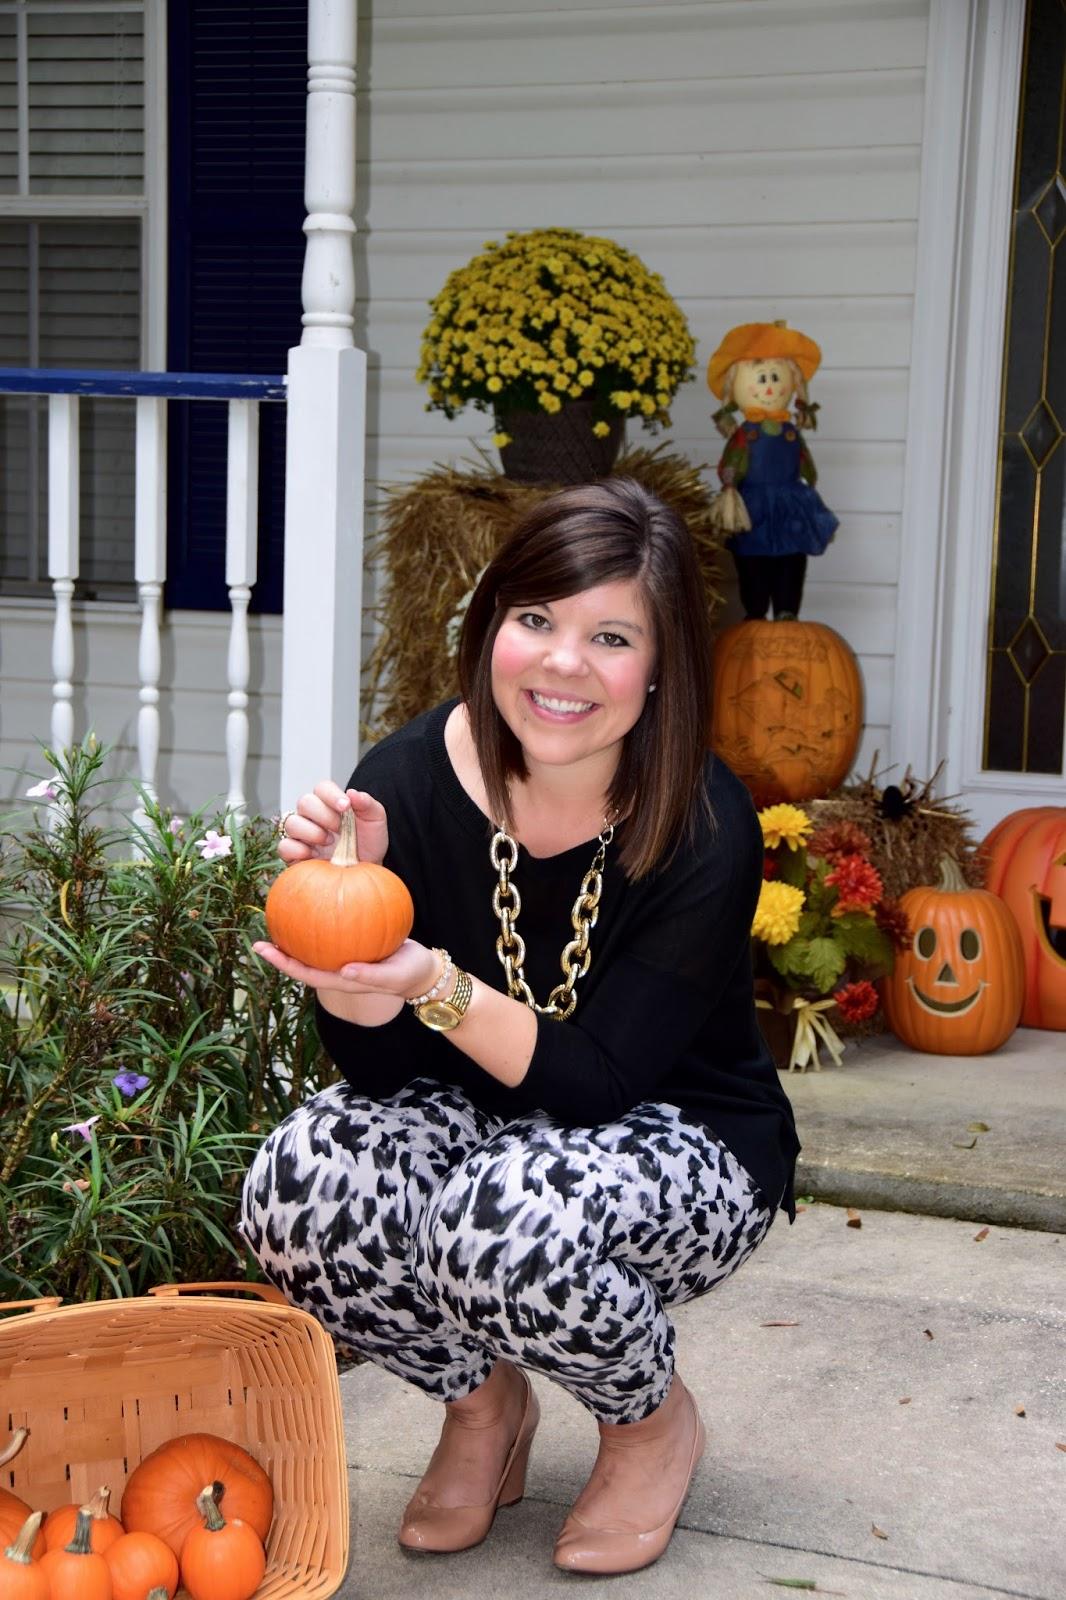 Leopard and Pumpkins